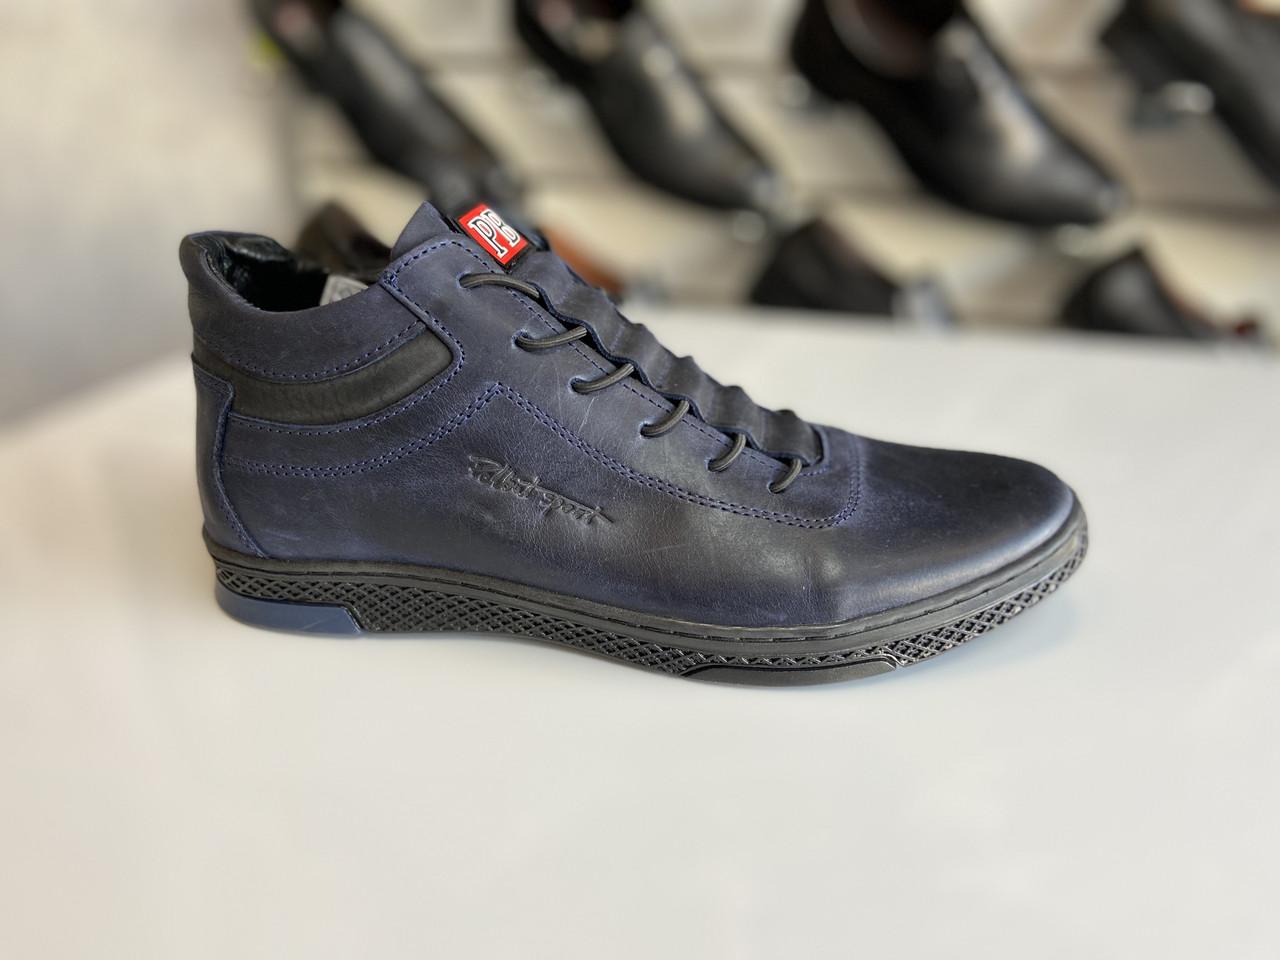 Мужские демисезонные кроссовки Polbut размеры 38,39,40,41,42,43,44-45